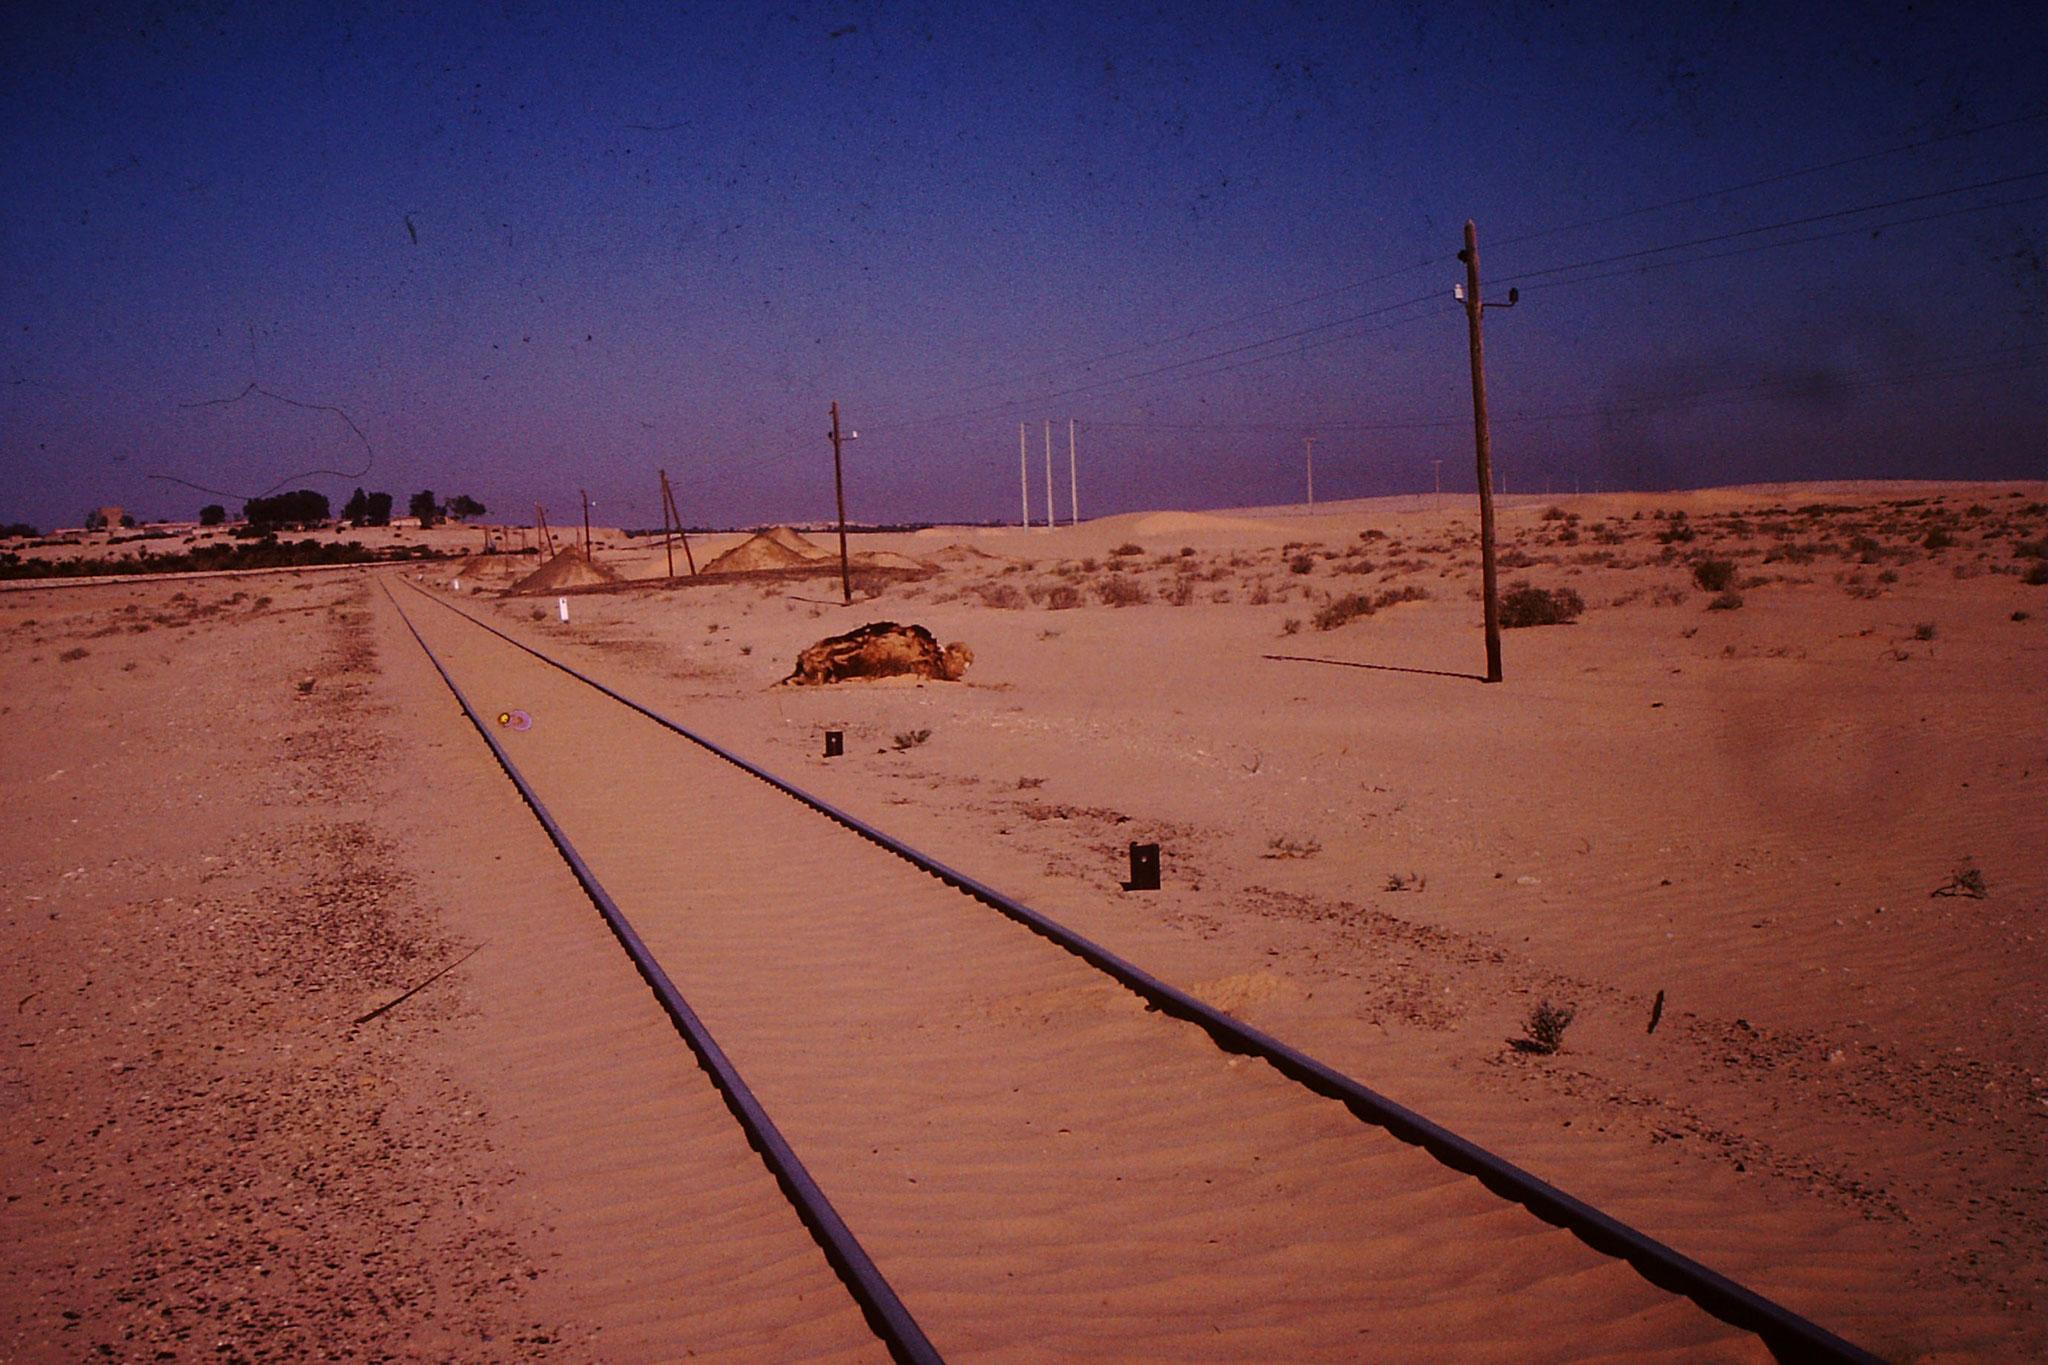 Irgenwie sieht dies befremdend aus. Es gibt aber tatsächlich eine Eisenbahnlinie in die Wüste.